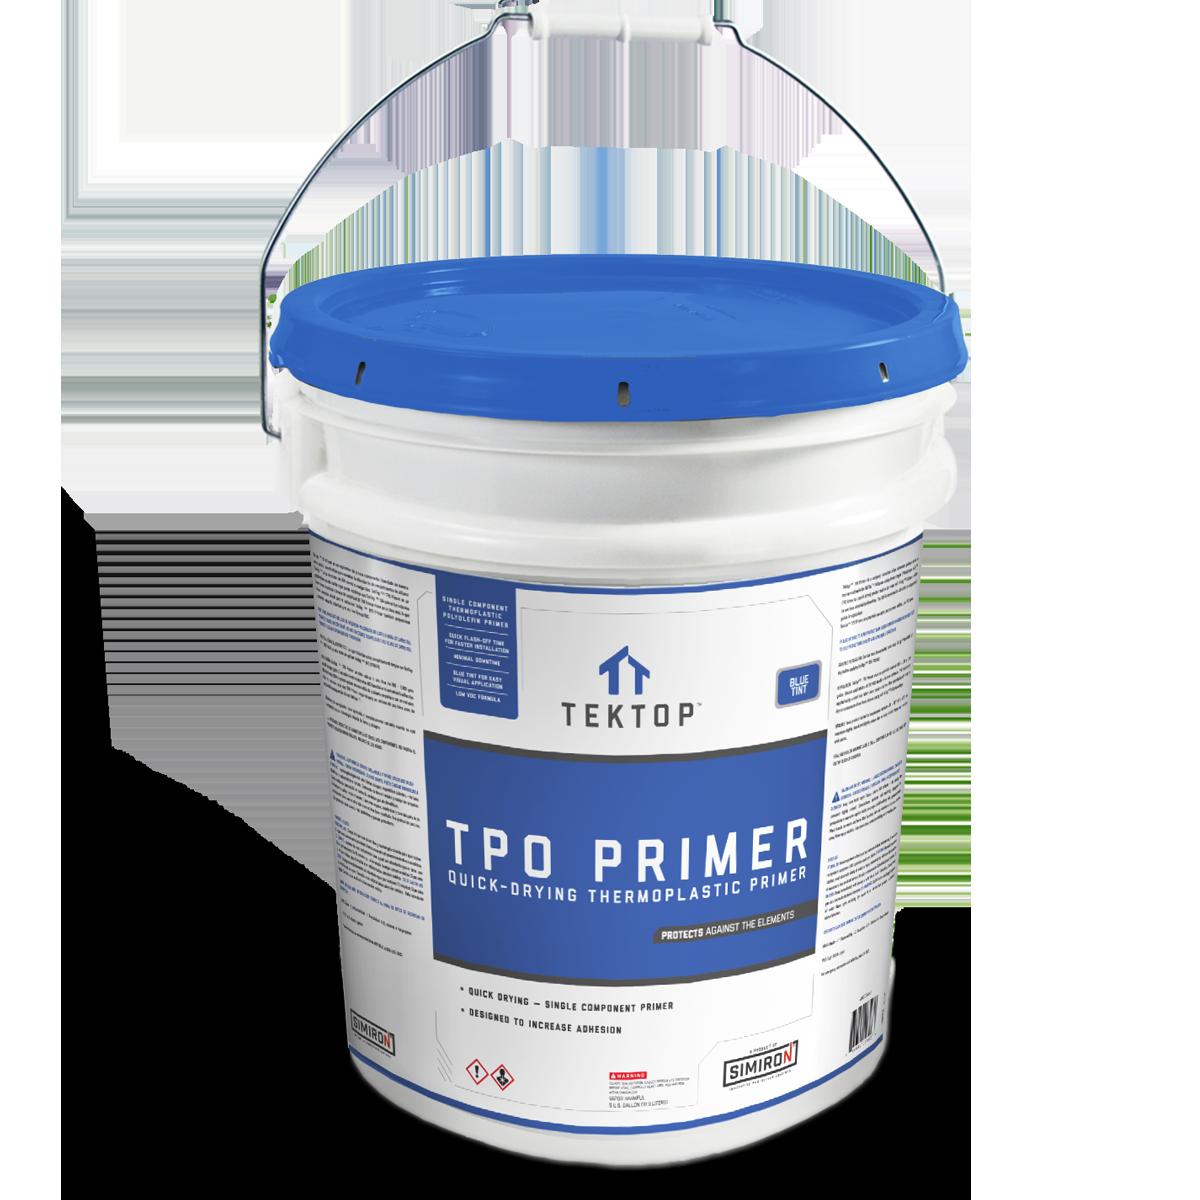 TPO Primer - TekTop